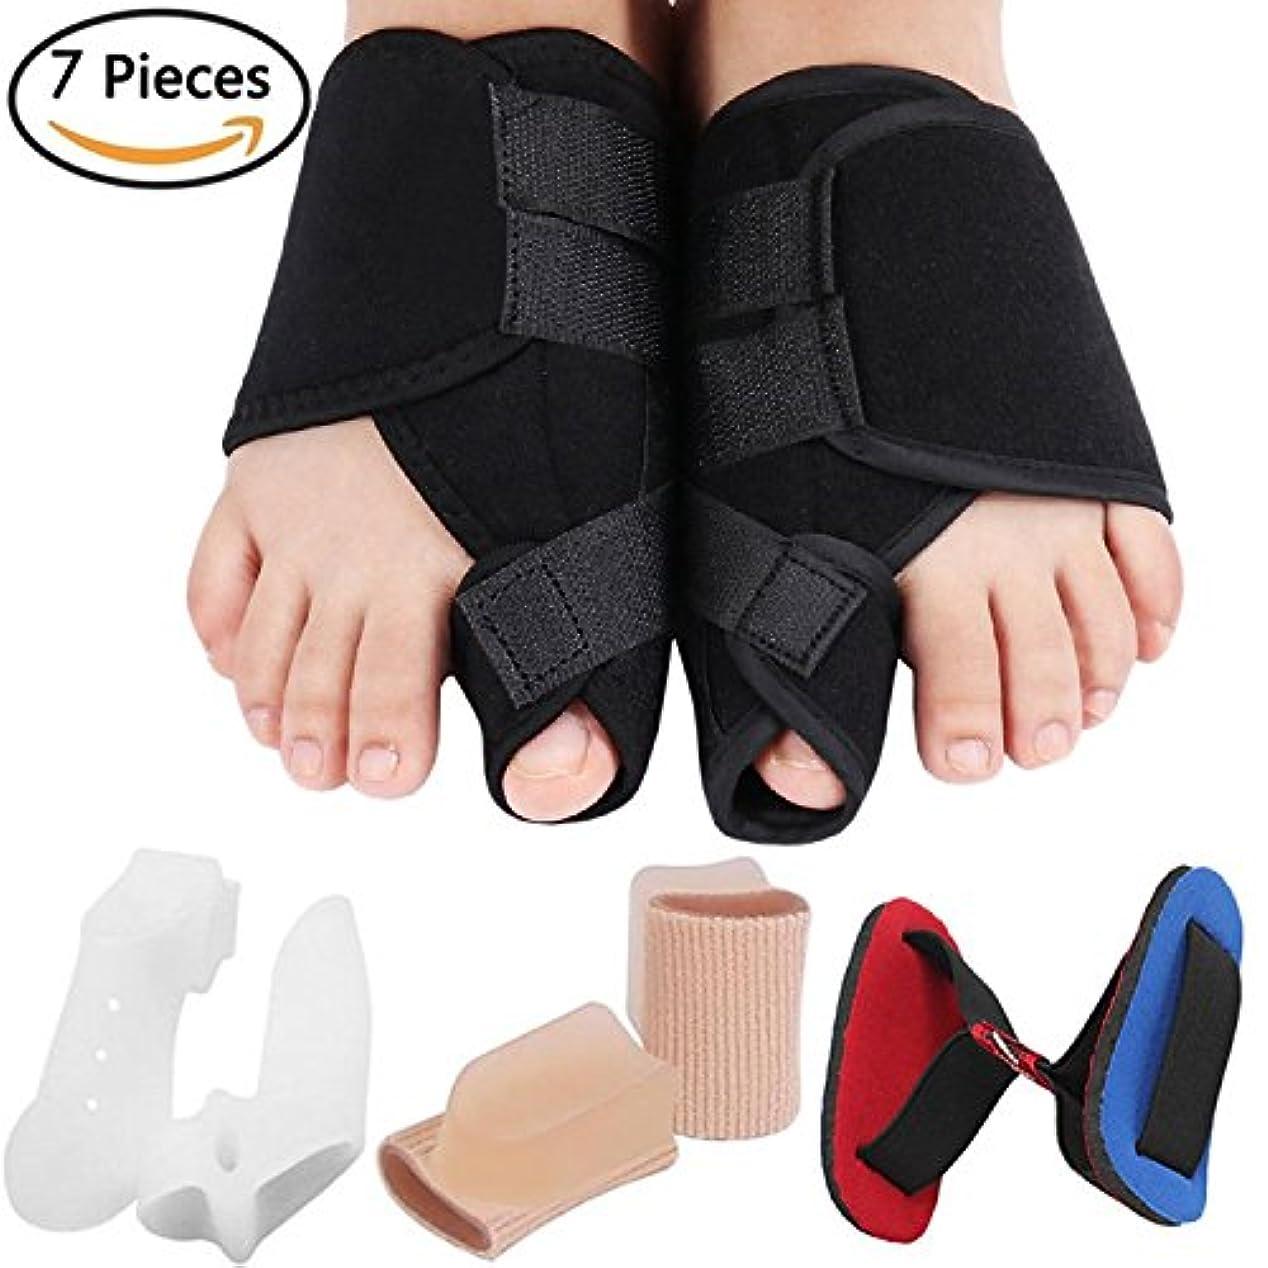 本当のことを言うと適合しました無駄なBunion Corrector Bunion Relief Kit, Bunion Splint Toe Straightener Corrector for Hallux Valgus, Big Toe Joint,...